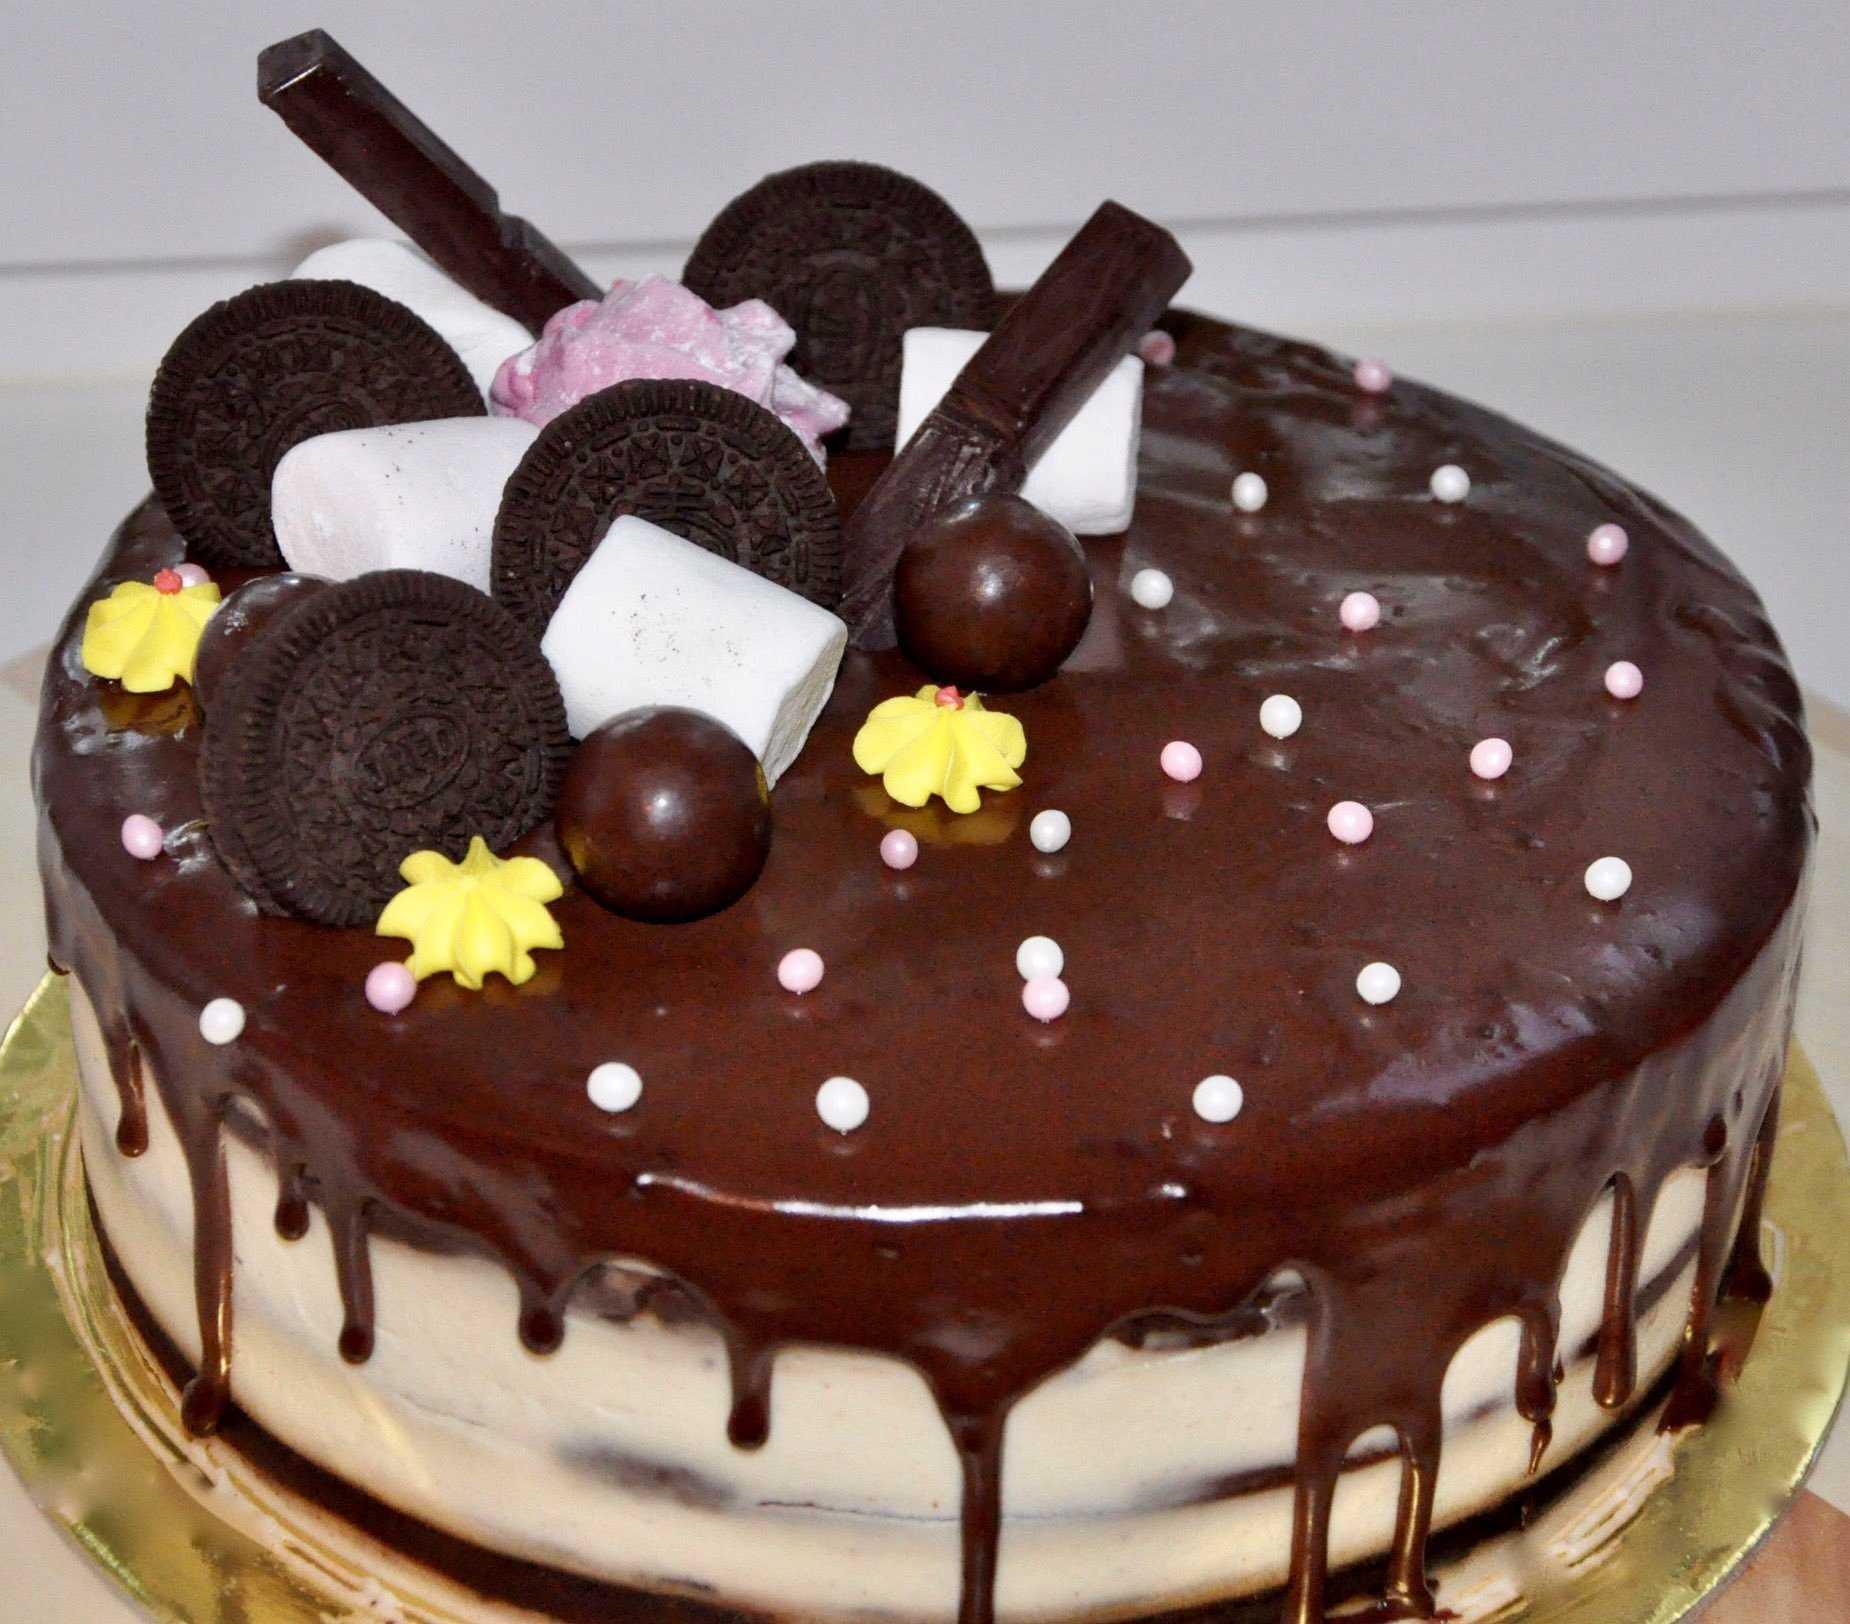 Свадебный двухъярусный торт (51 фото): кремовый двухэтажный десерт на свадьбу с ягодами и цветами, красивое украшение торта с помощью мастики, роз и лебедей